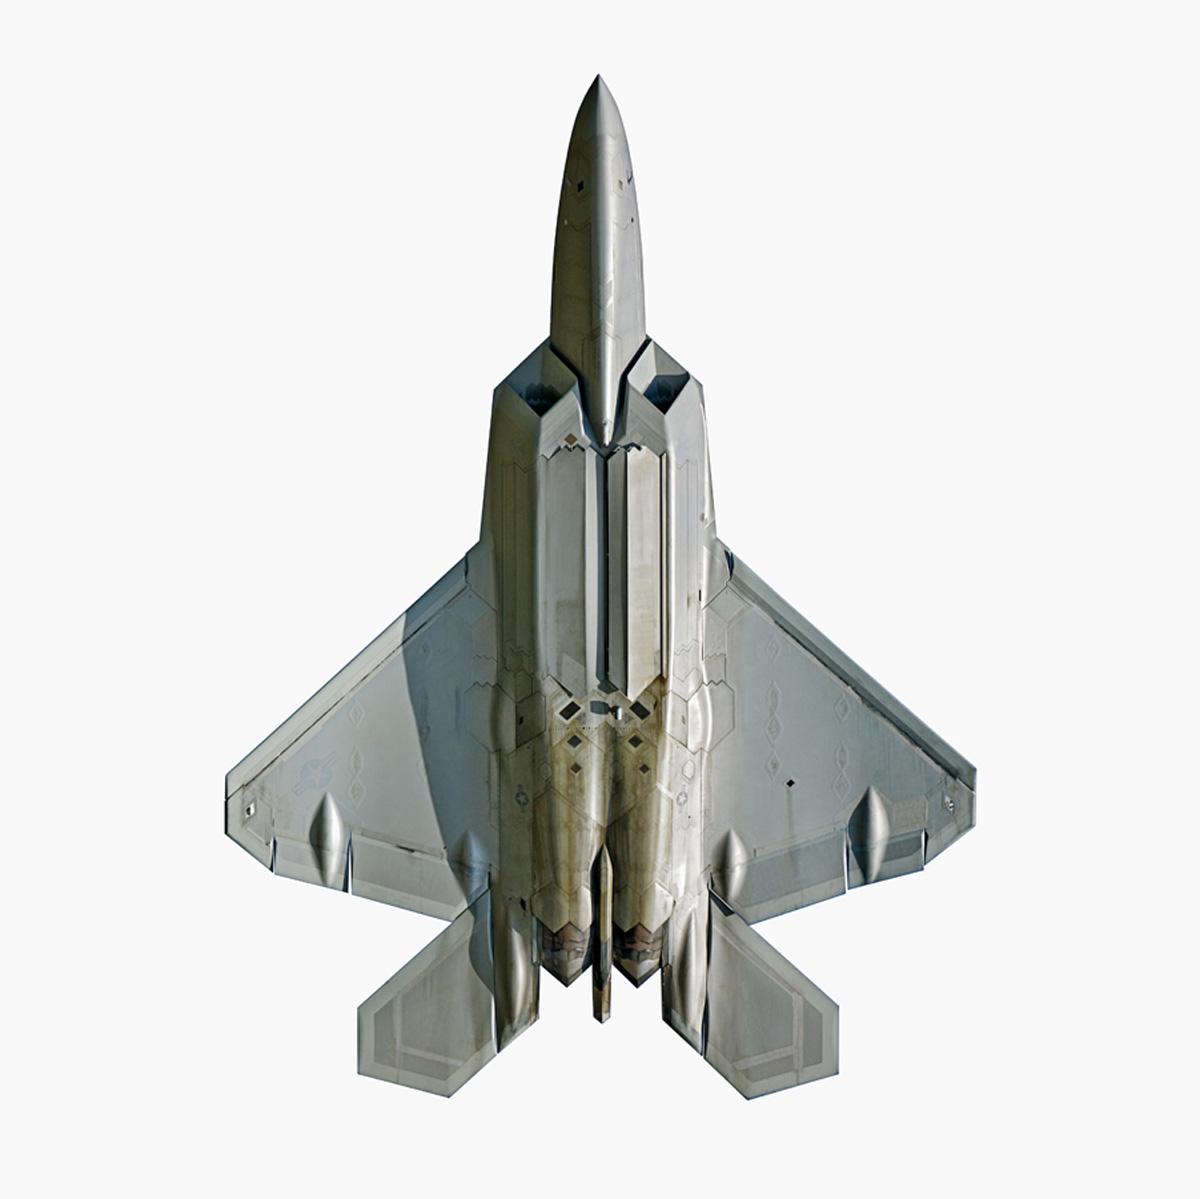 Lockheed martin clipart.